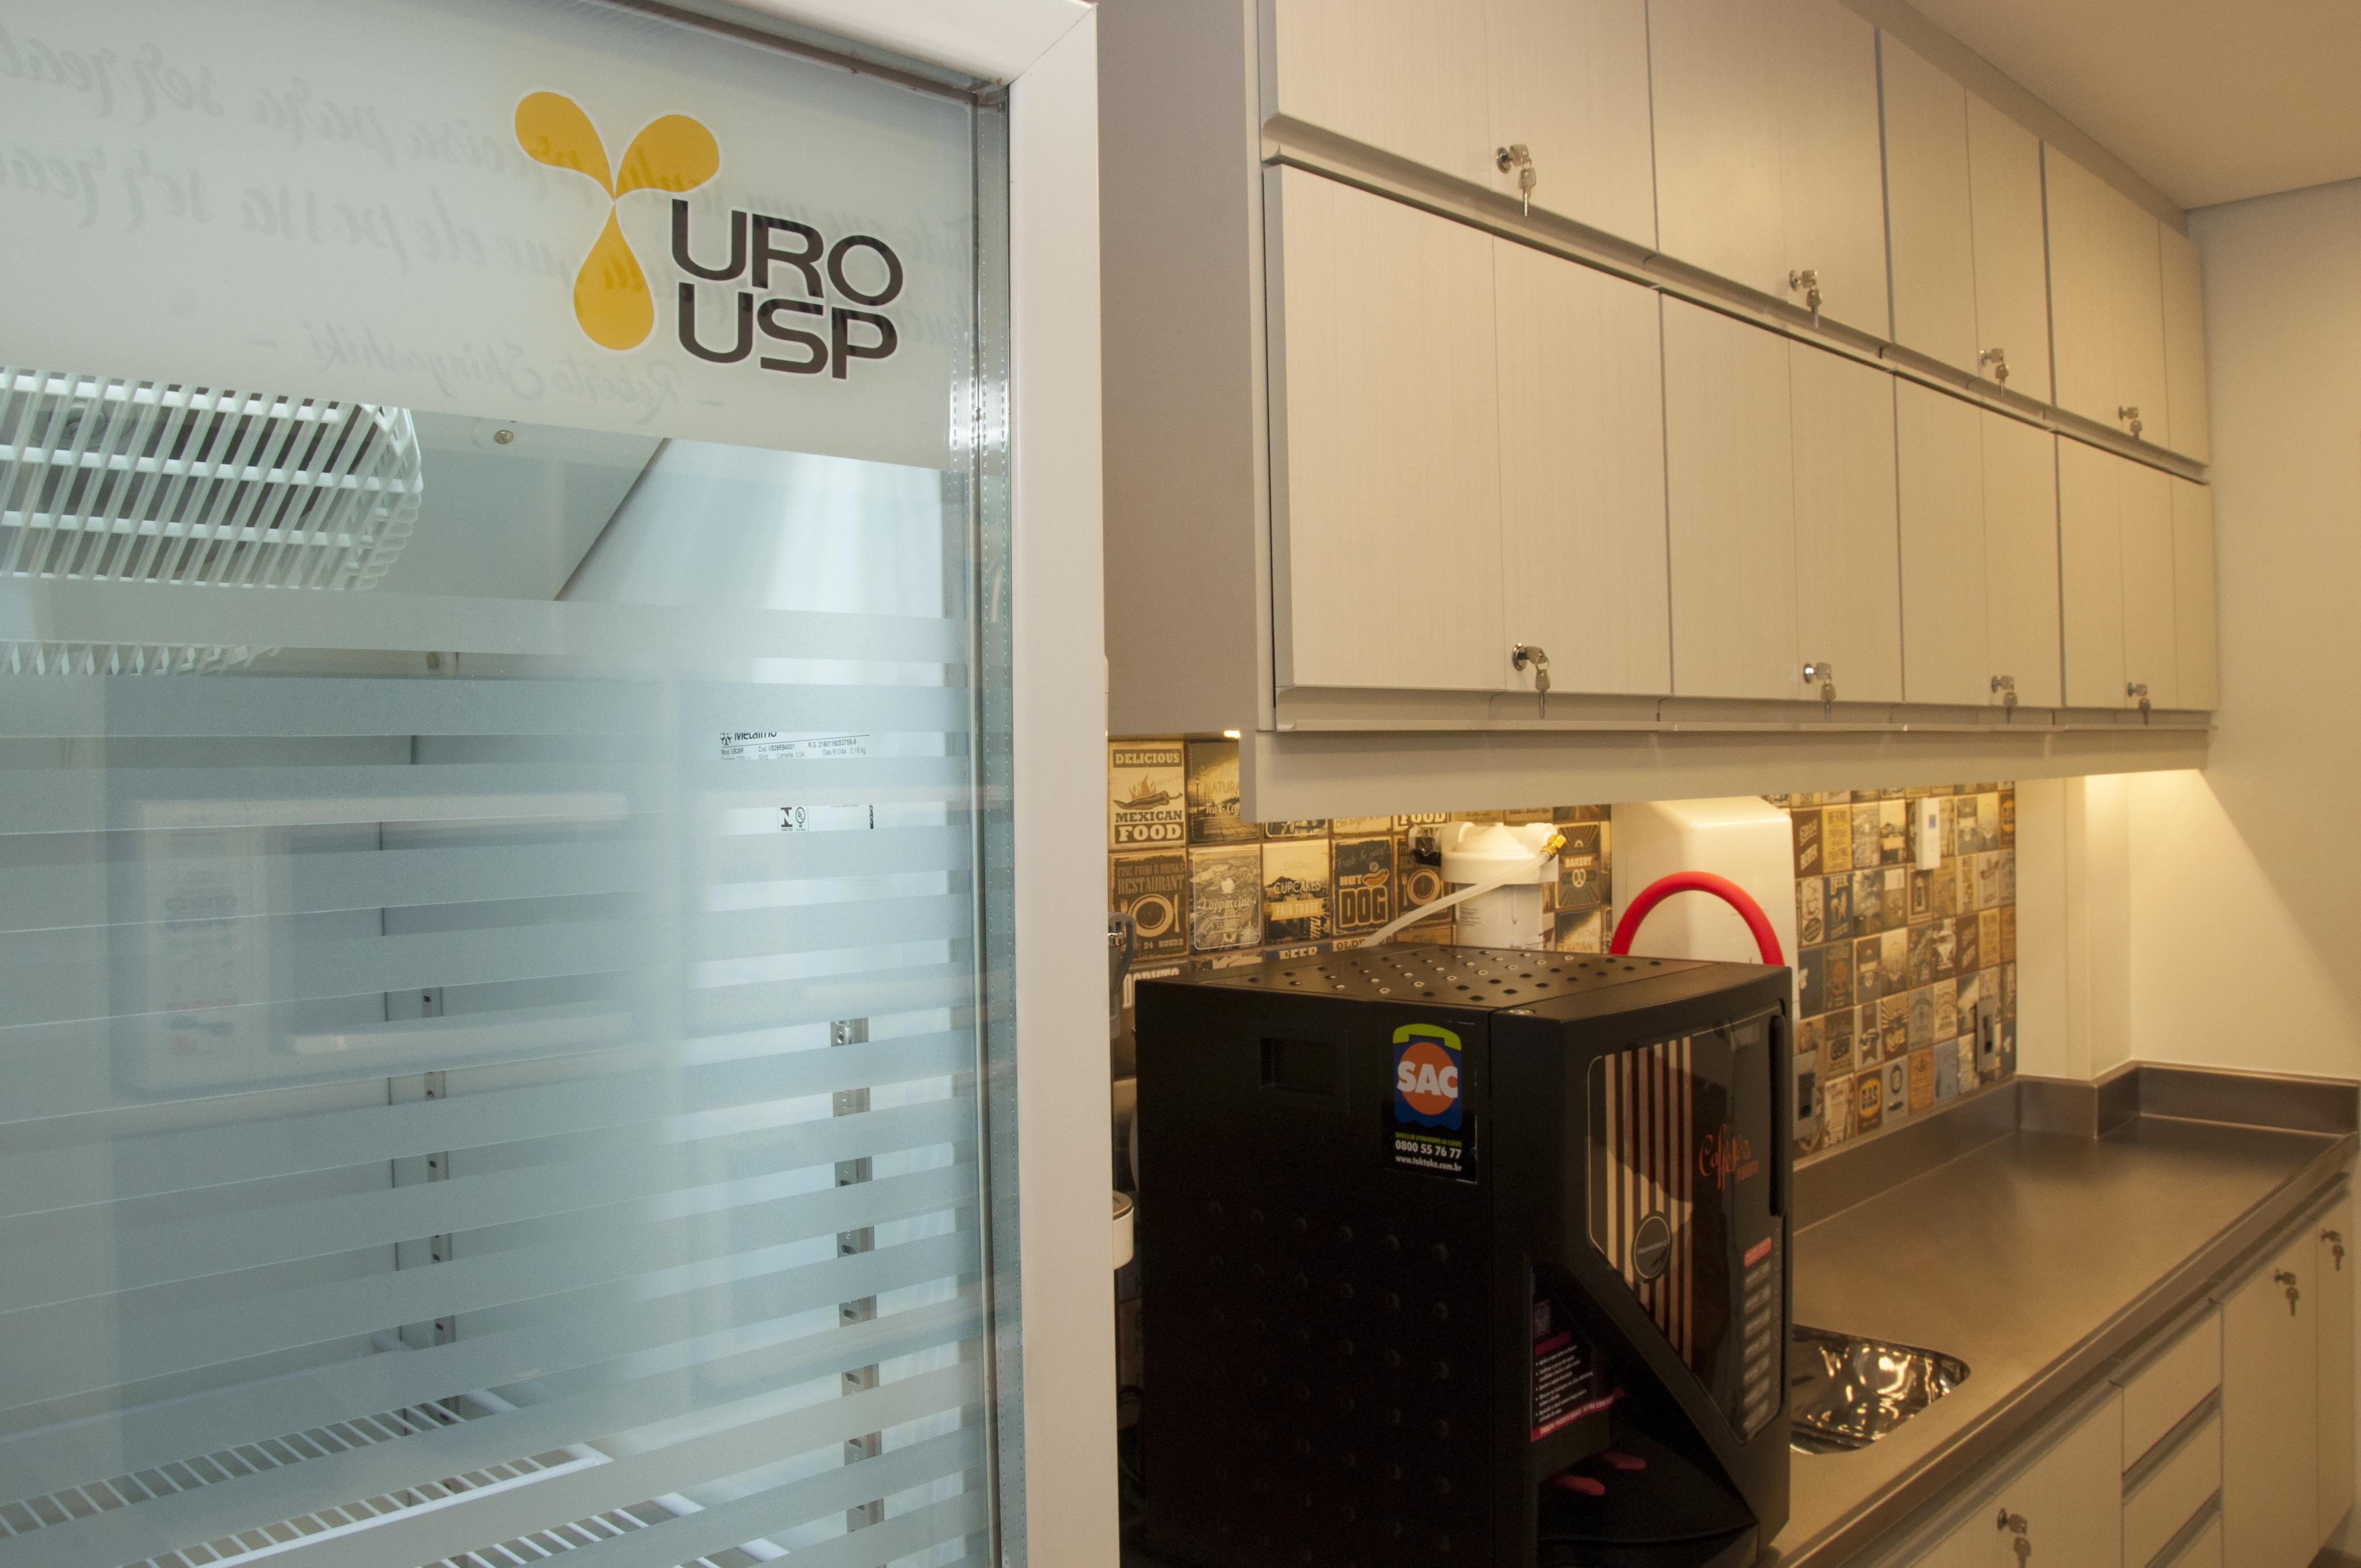 Centro de Convivência - URO/USP